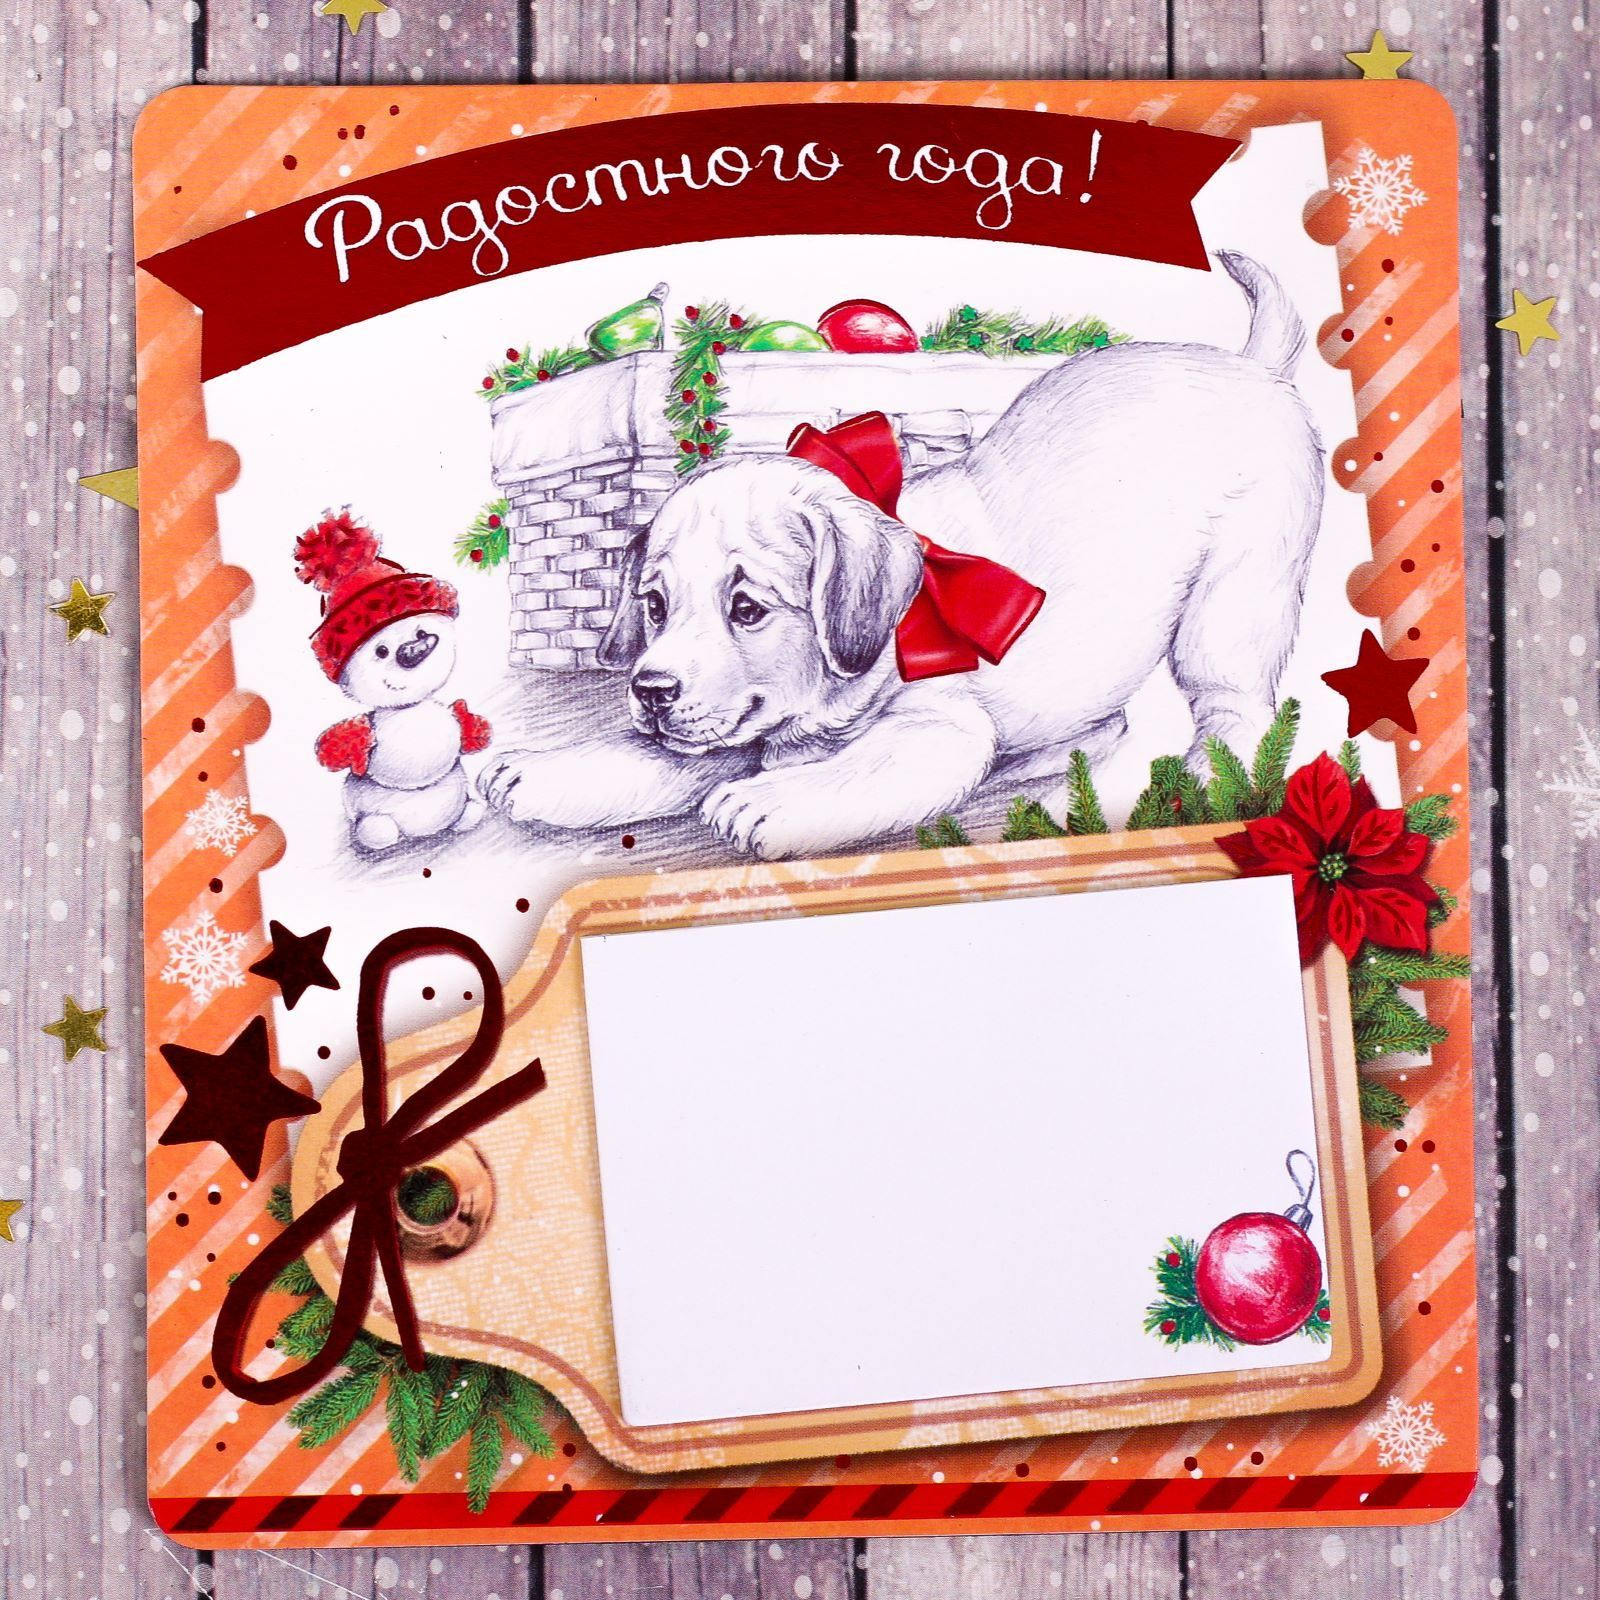 Магнит Sima-land Радостного года, с блоком для записей, 11 х 12 см2252415Порадуйте родных и близких оригинальным сувениром: преподнесите в подарок магнит. С ним даже самый серьёзный человек почувствует себя ребёнком, ожидающим чудо! Создайте праздничное настроение, и оно останется с вами на весь год.